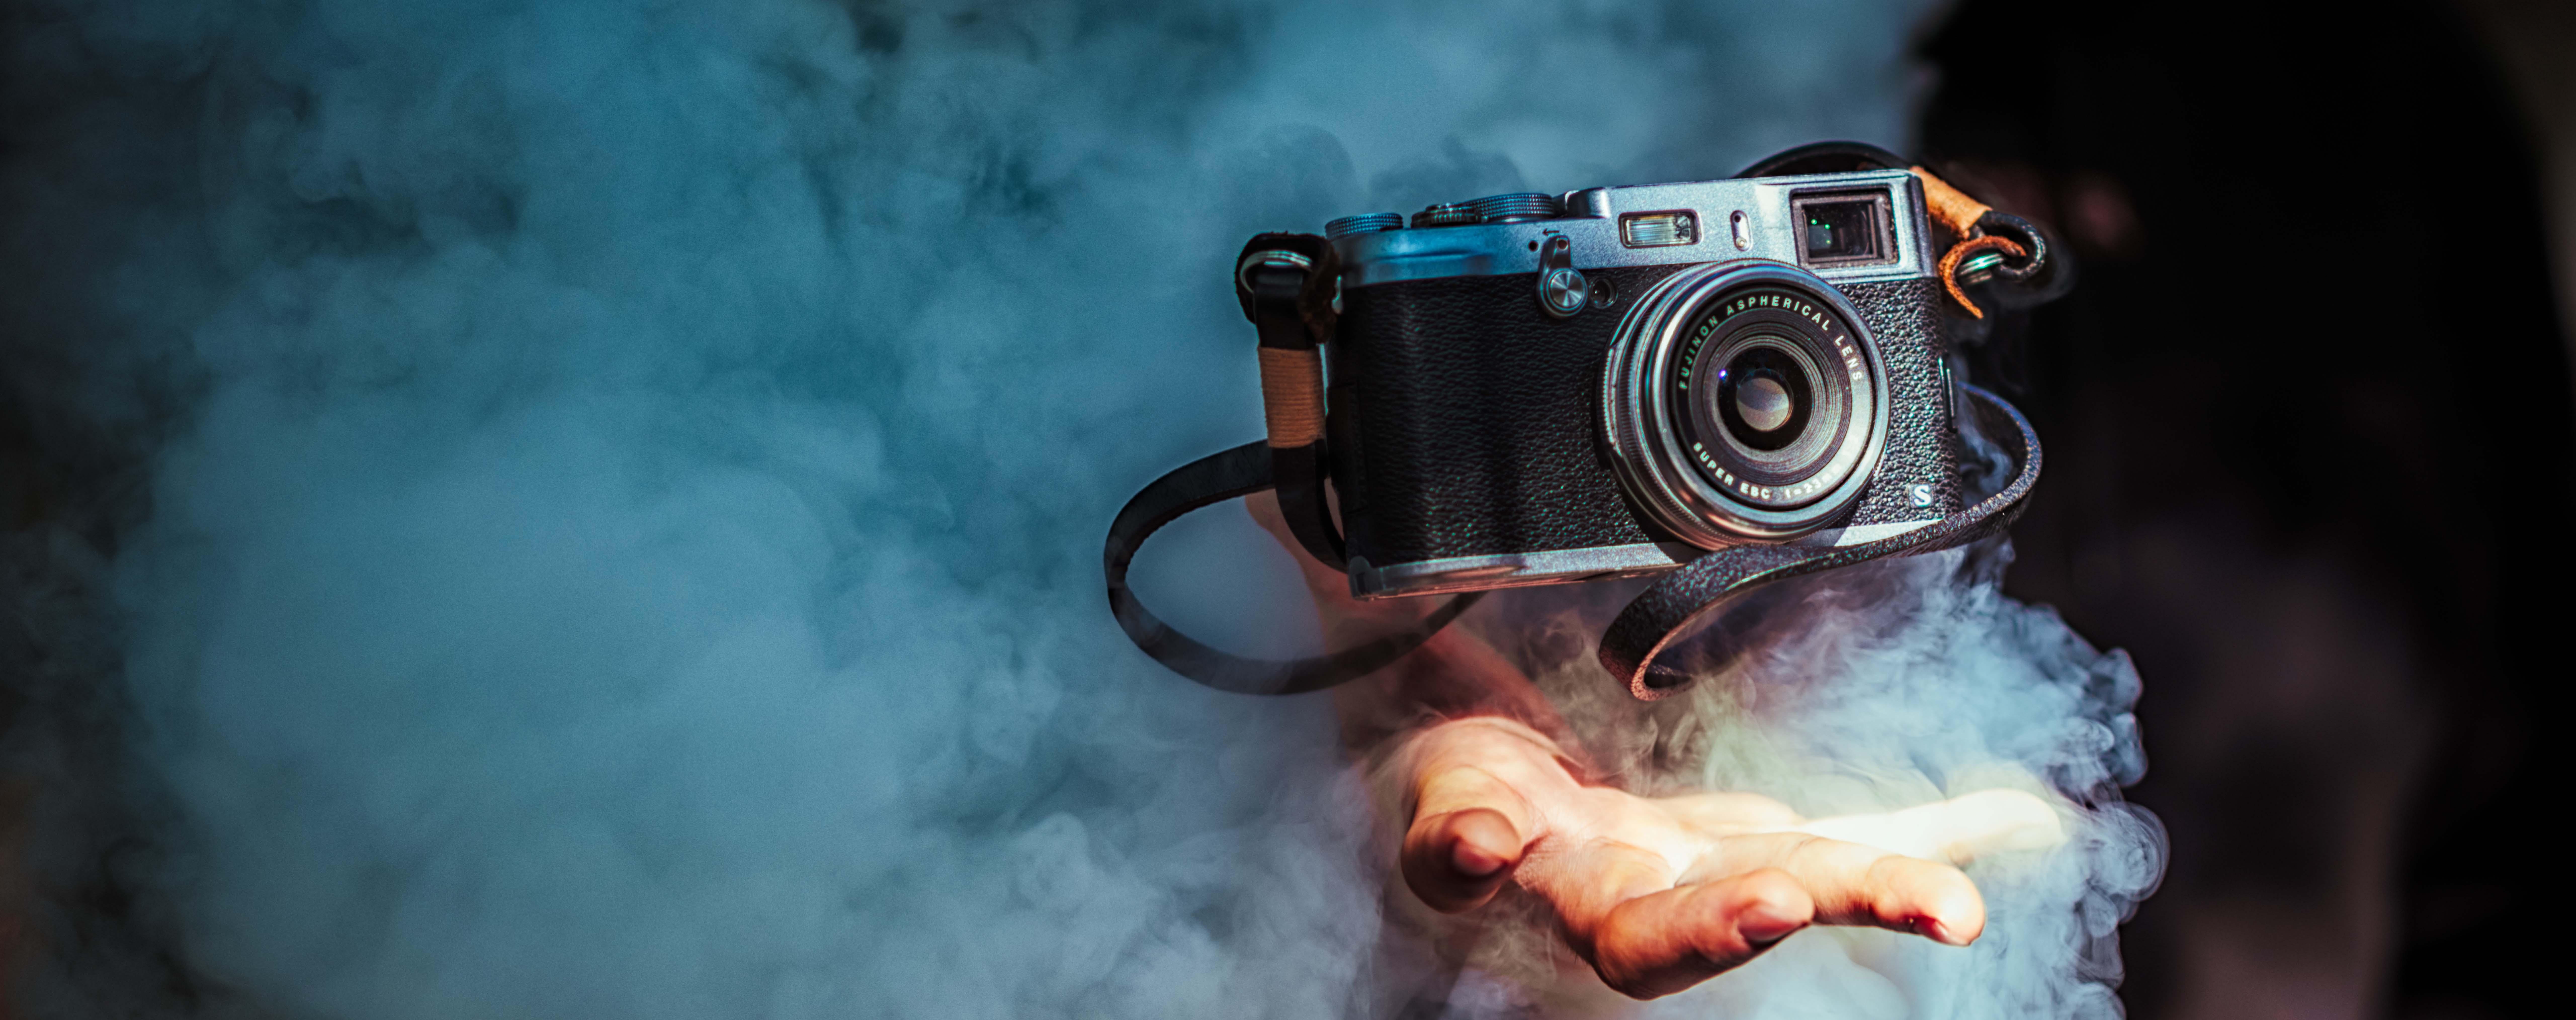 LA MOSTRA FOTOGRAFICA